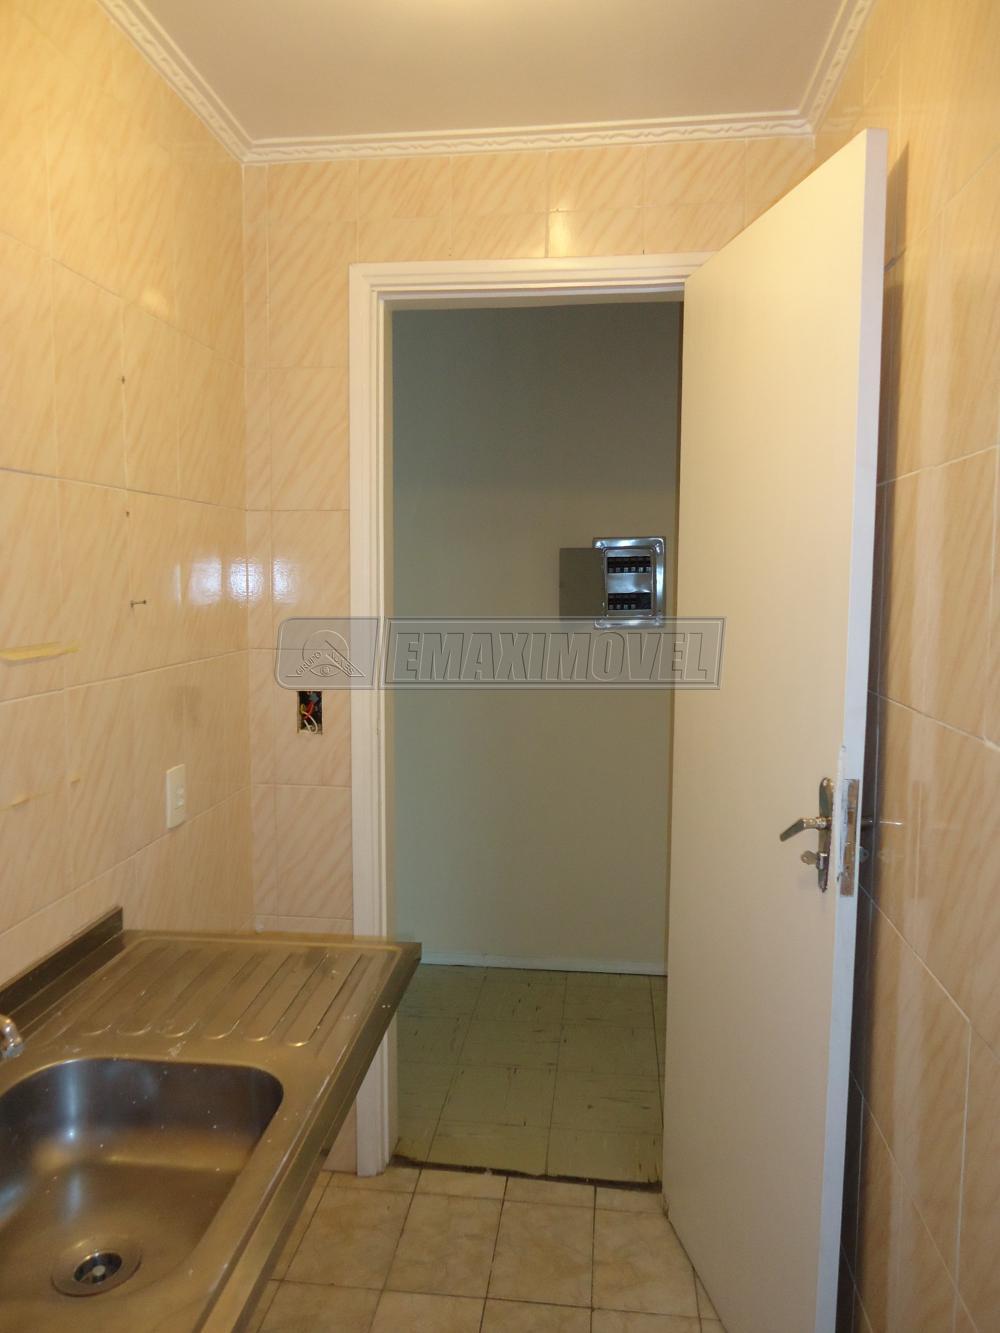 Alugar Comercial / Salas em Sorocaba apenas R$ 800,00 - Foto 5